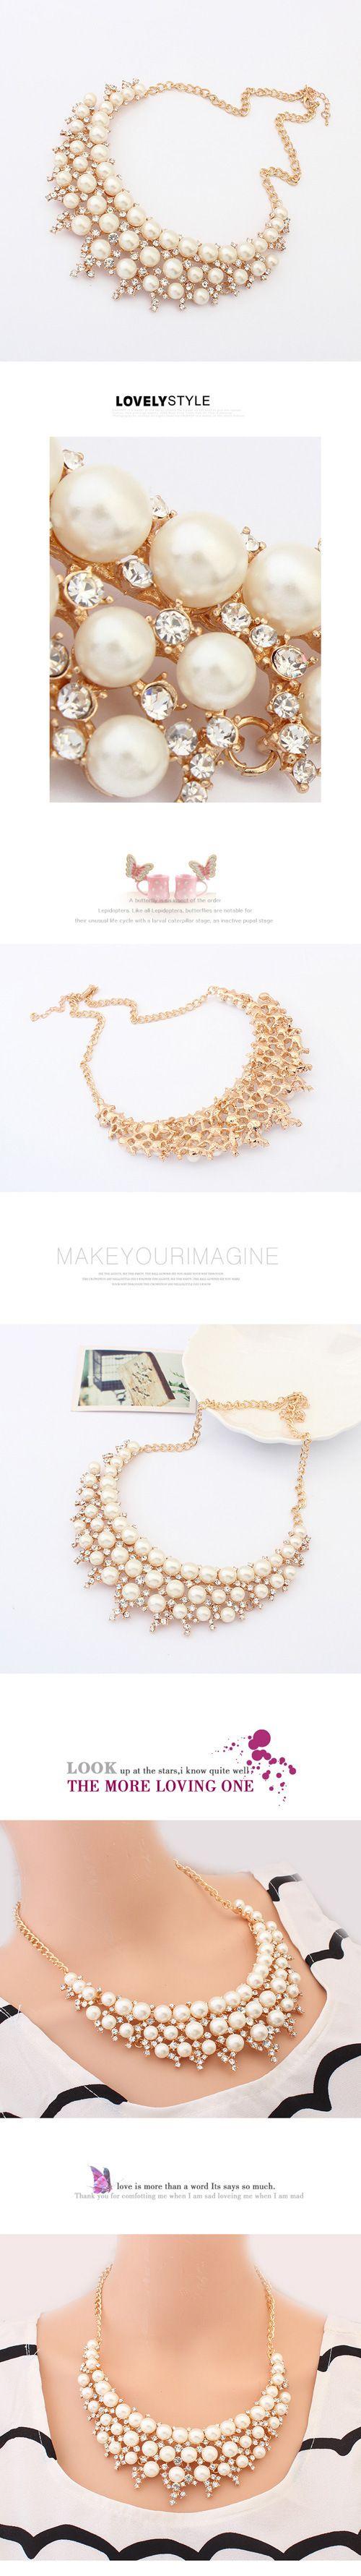 $10.37 Pearl Fine Pretty Necklace Vintage Dazzling Fancy Fashion Necklace - BornPrettyStore.com